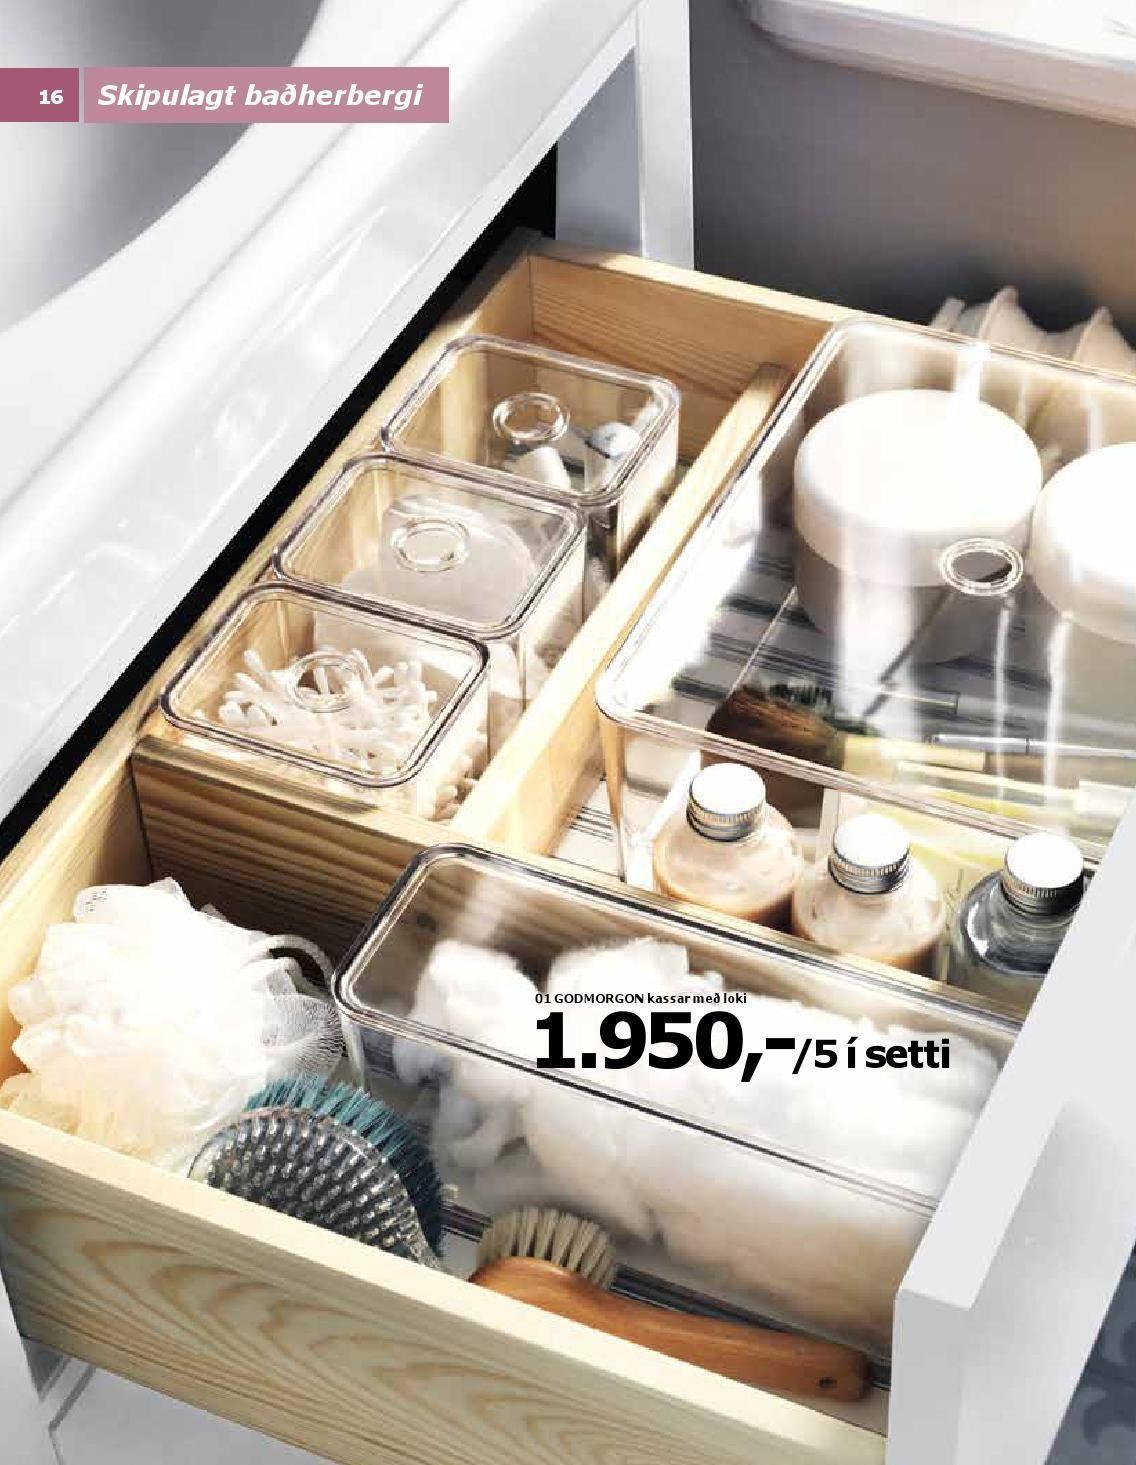 Ikea Badherbergi 2015 Bathroom Organisation Ikea Bathroom